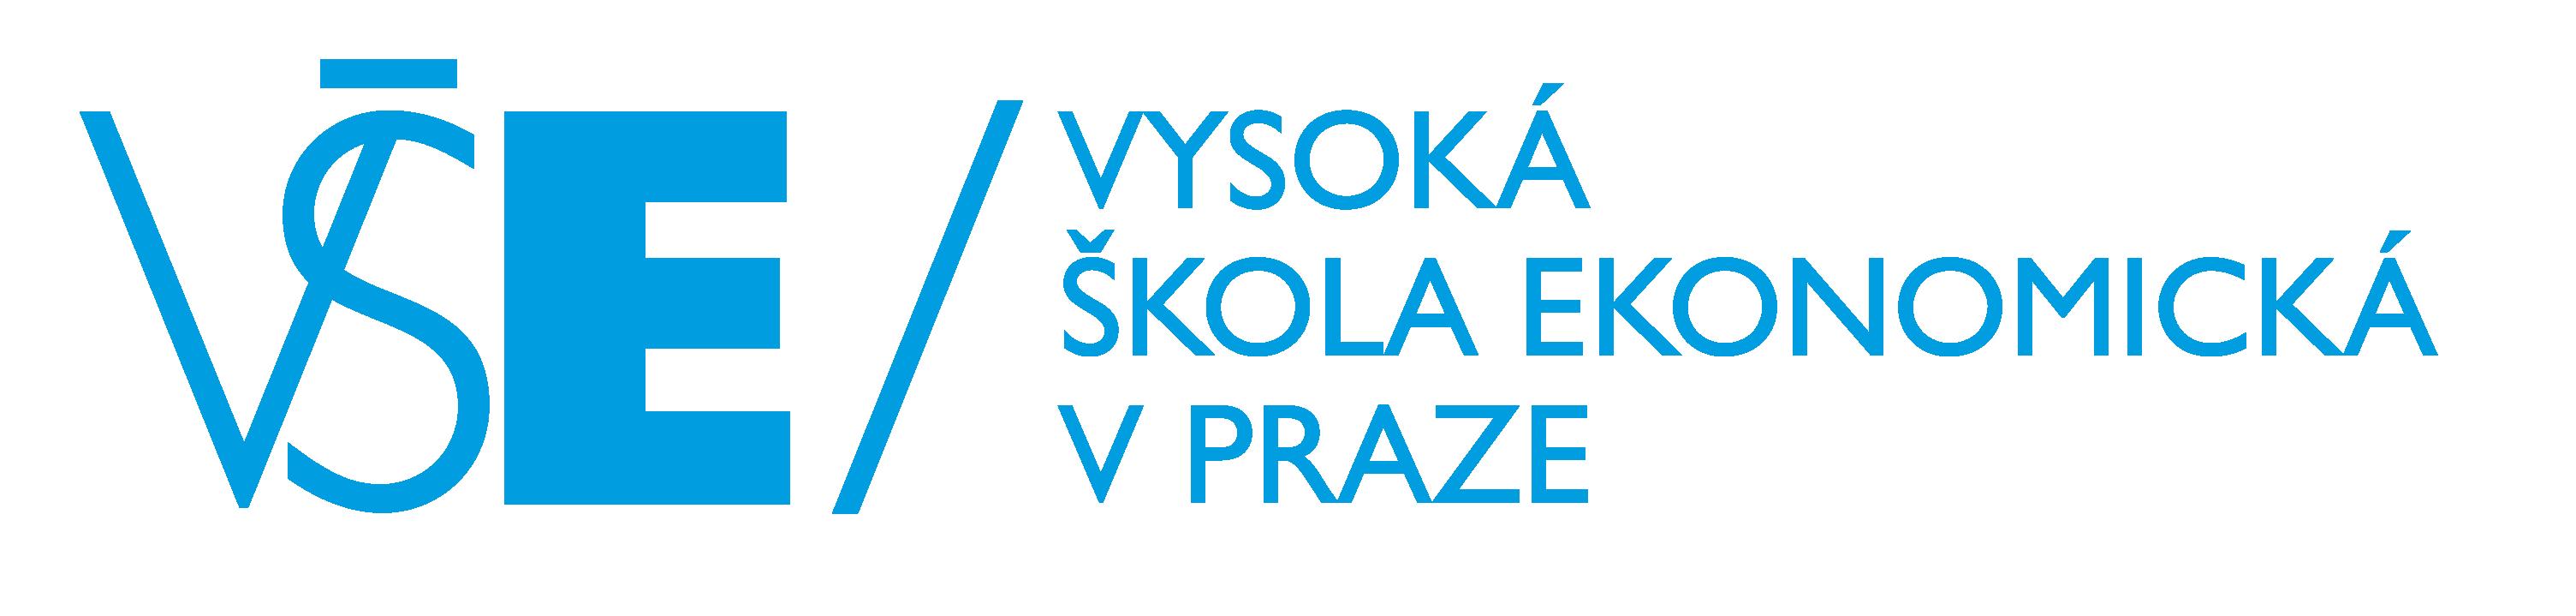 Vysoka akola ekonomicka v Praze